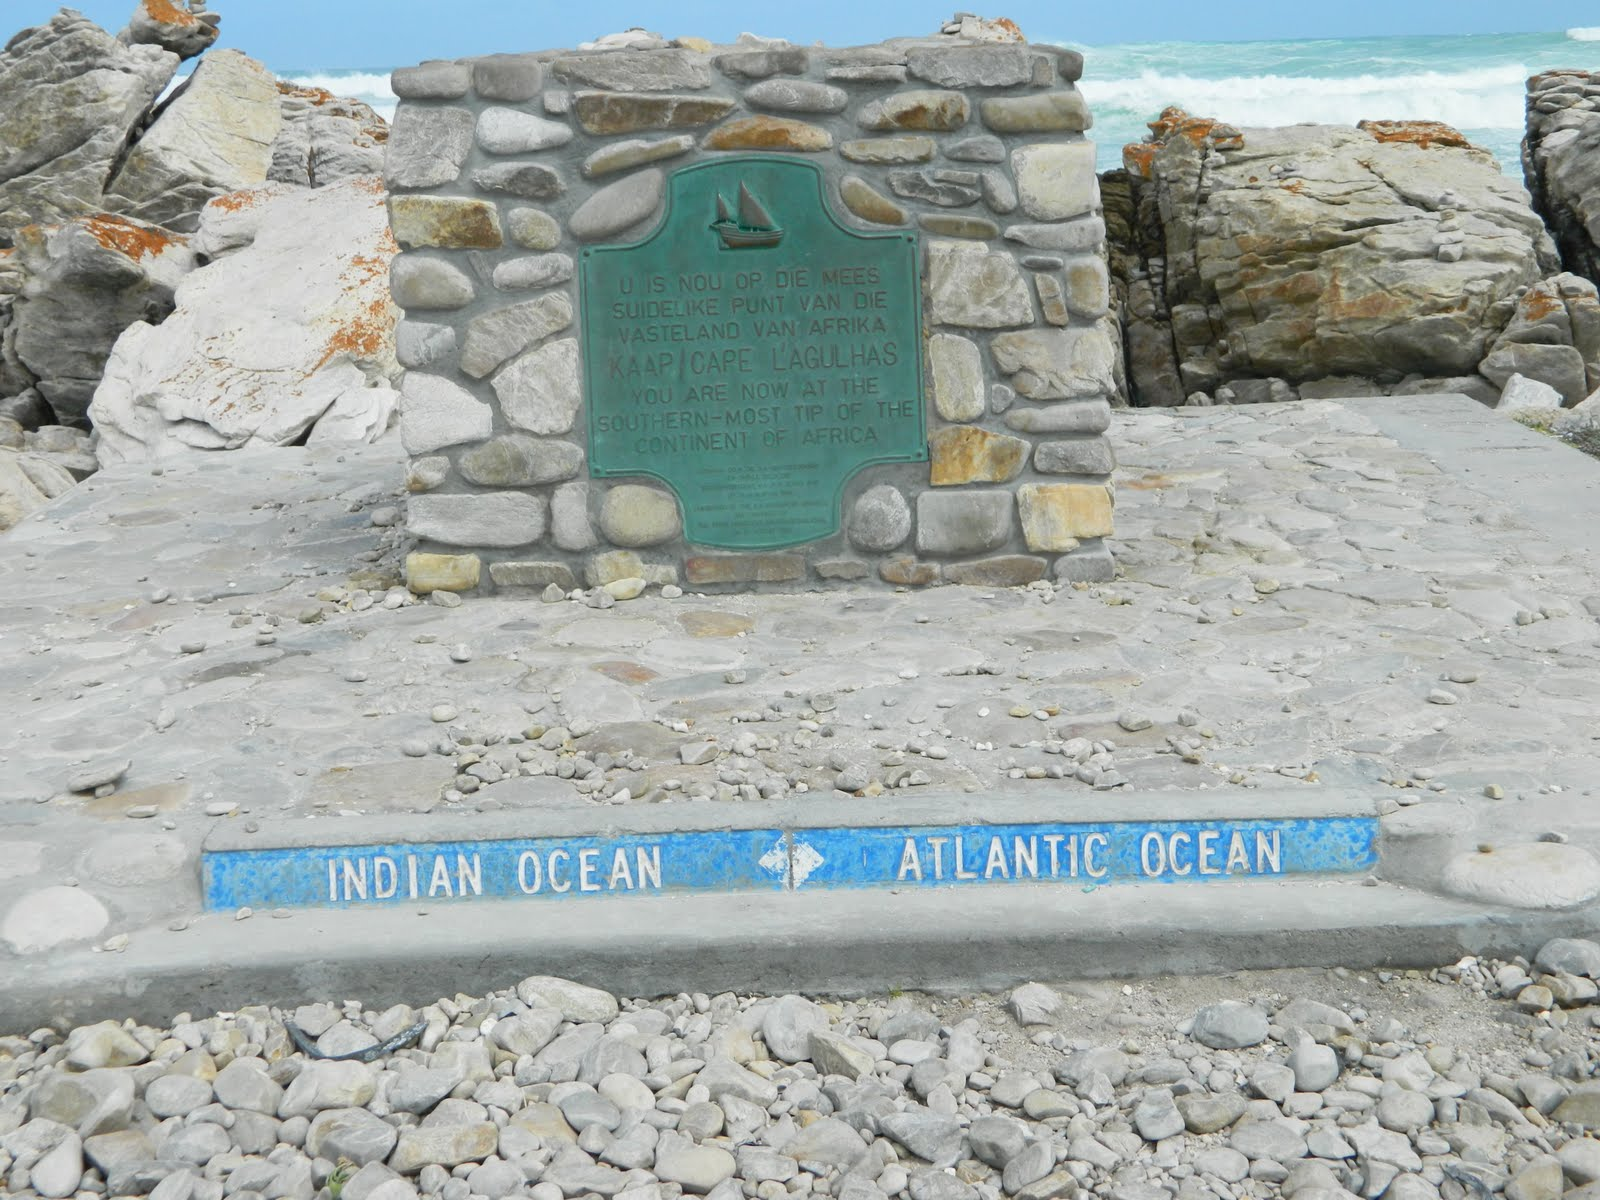 Rencontre entre ocean indien et atlantique